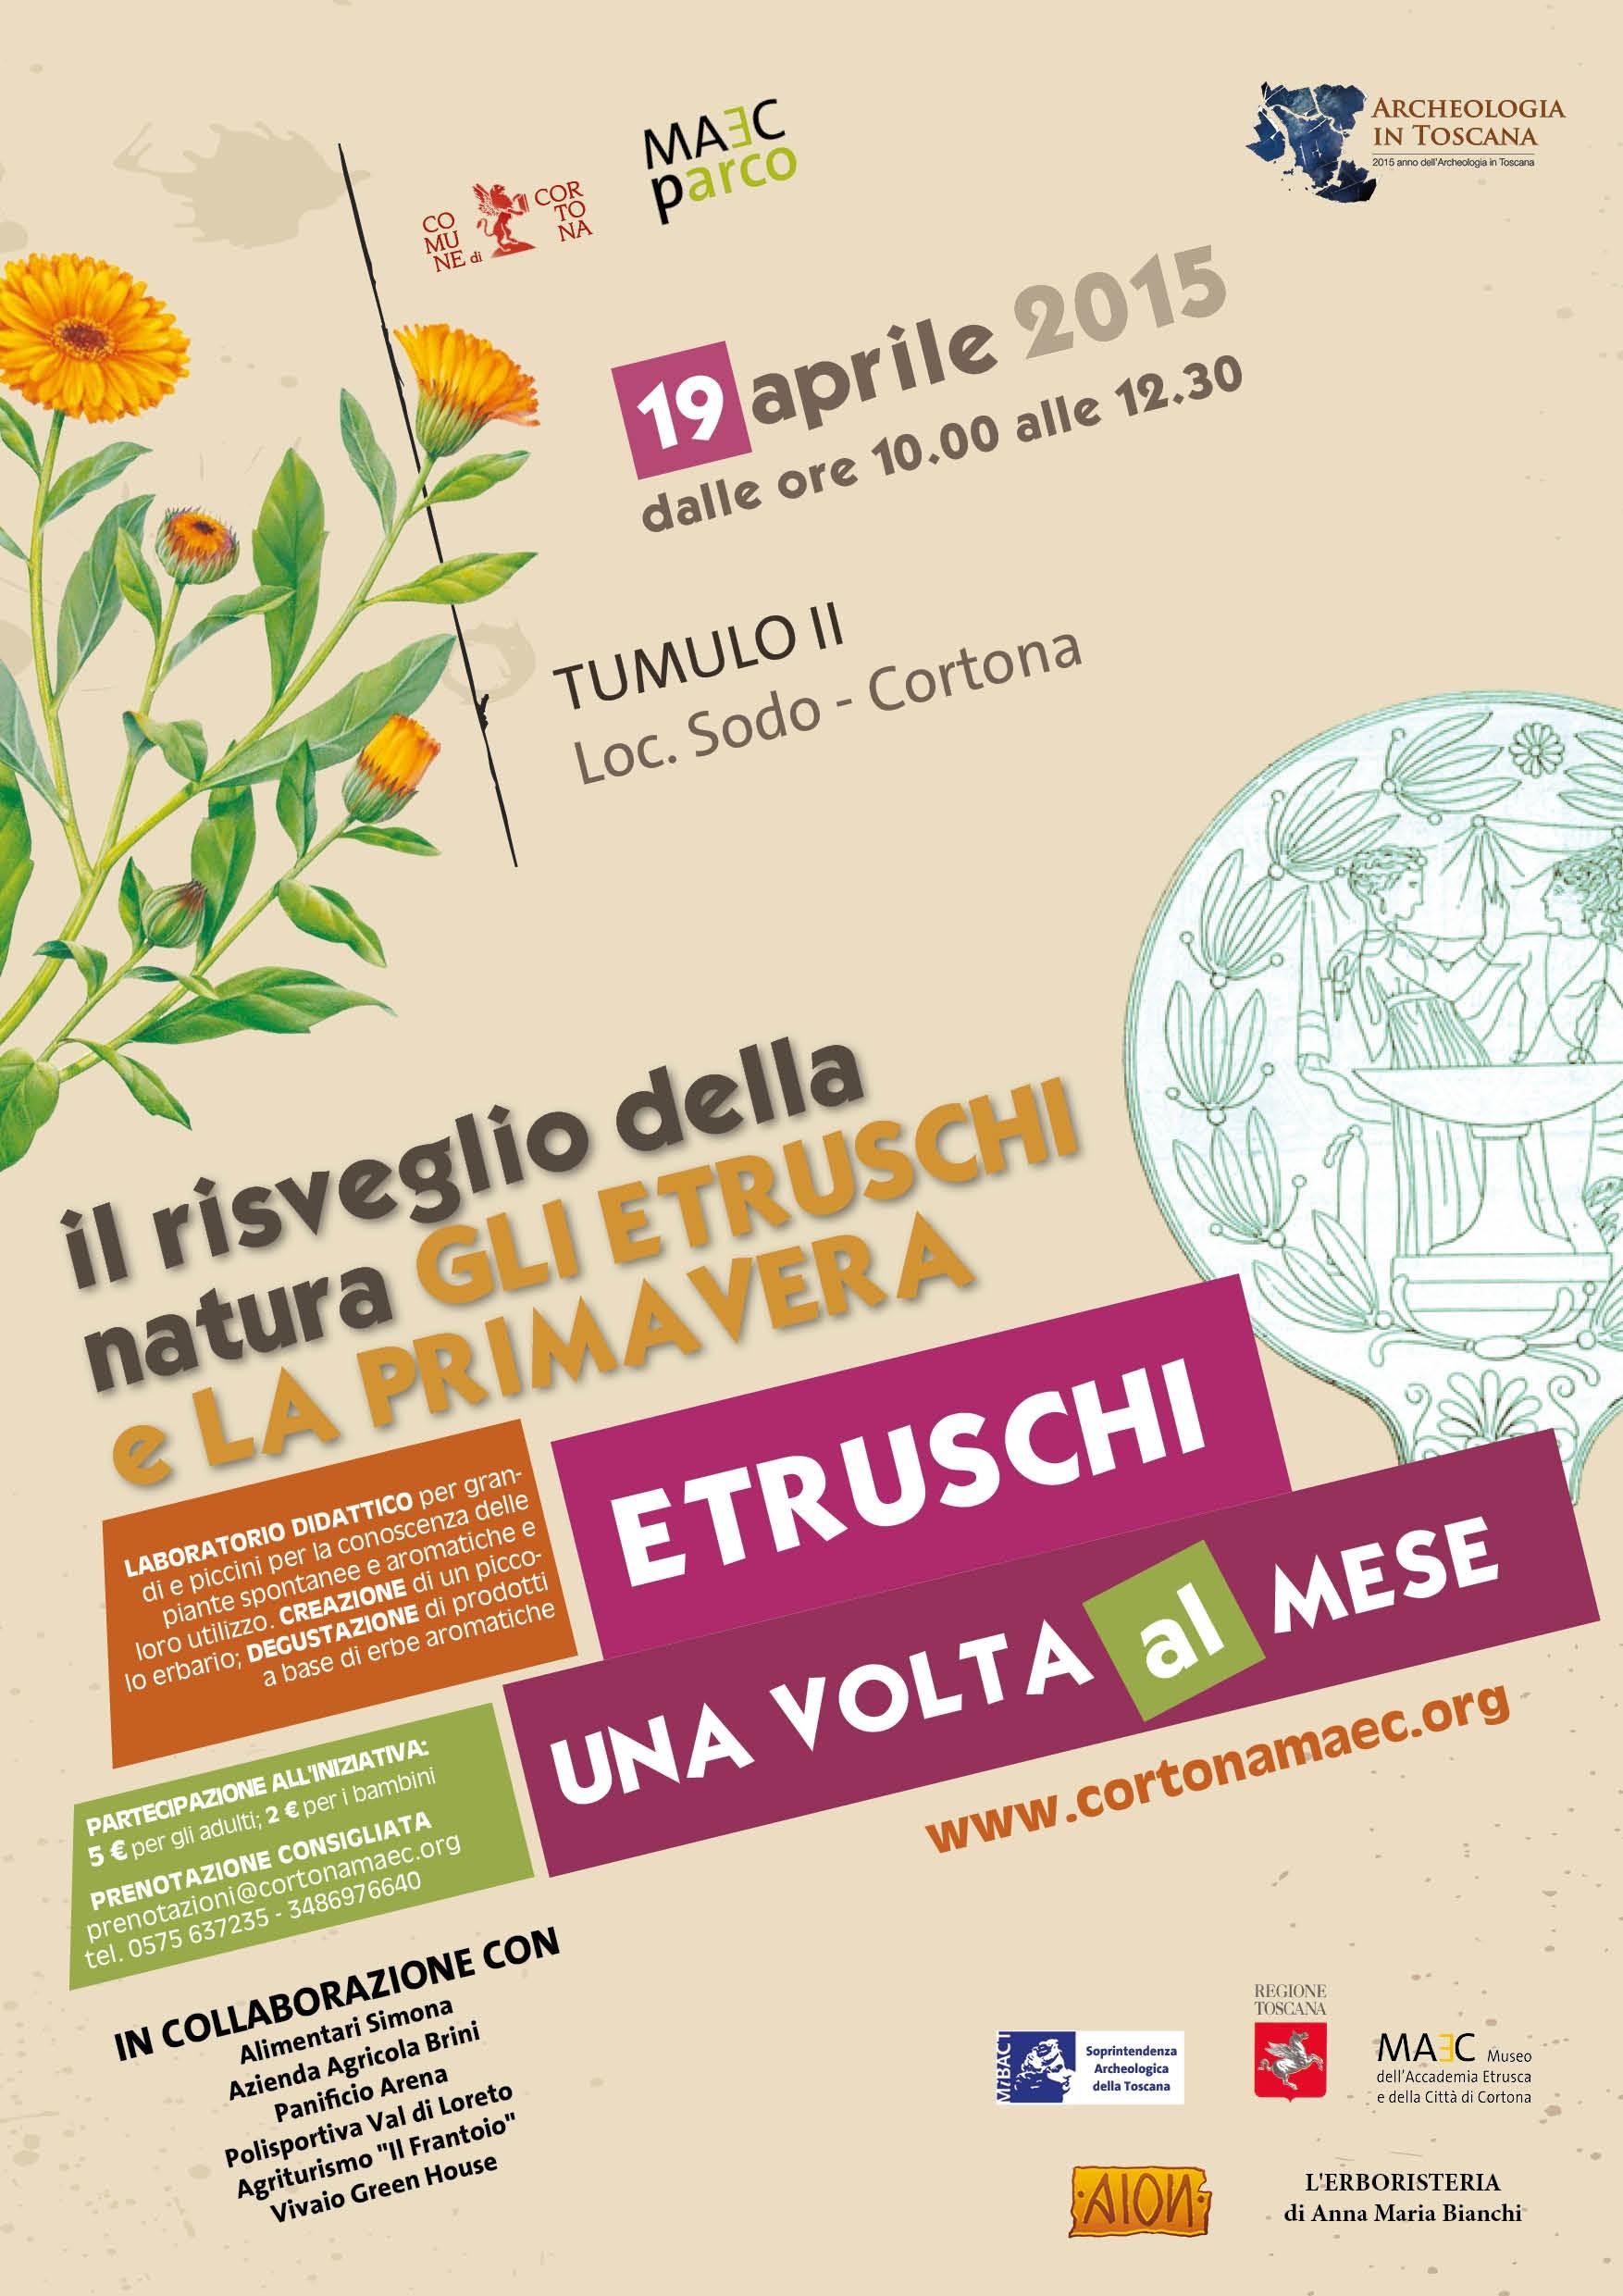 Gli Etruschi e la Primavera, nuova iniziativa al Parco Archeologico di Cortona